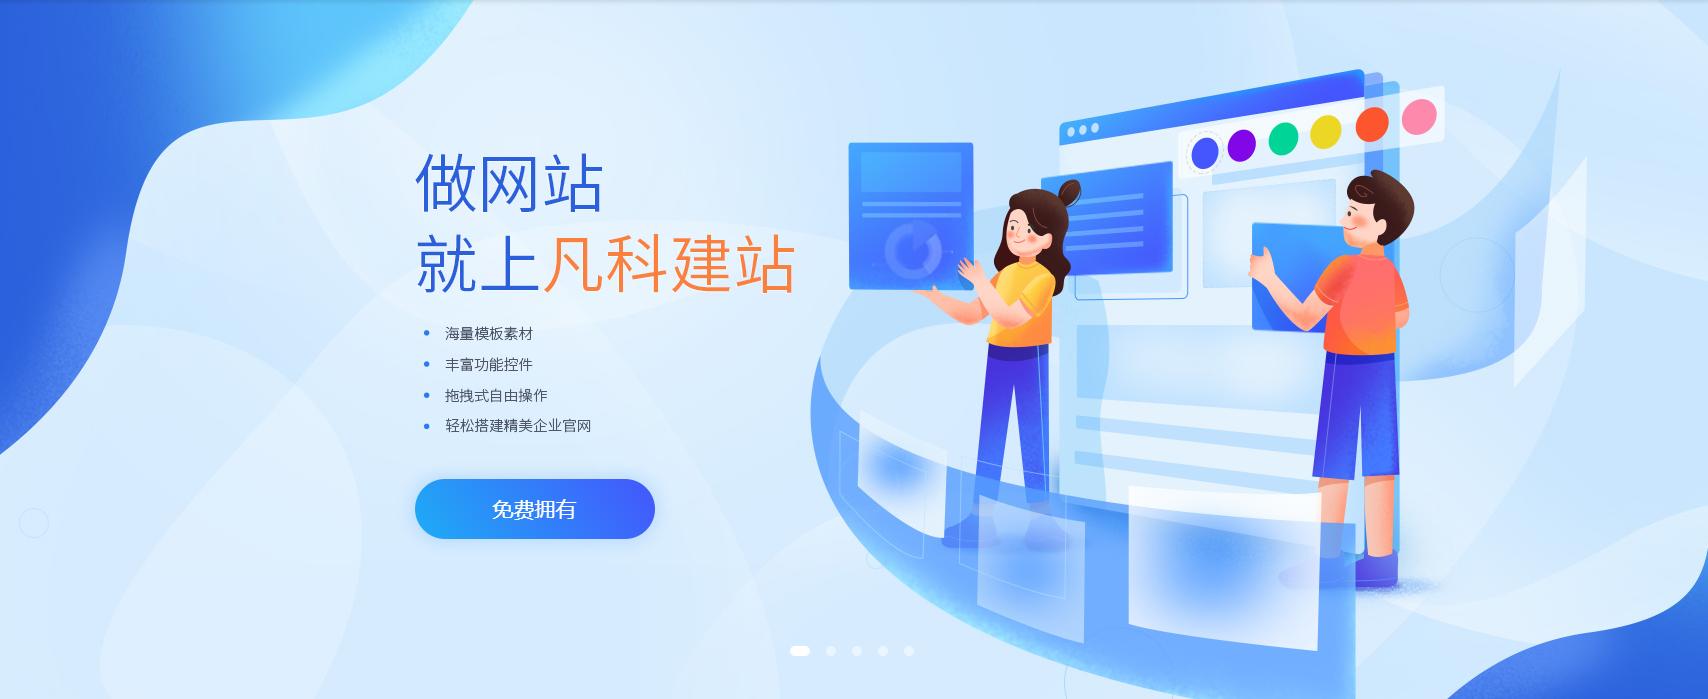 建设营销网站